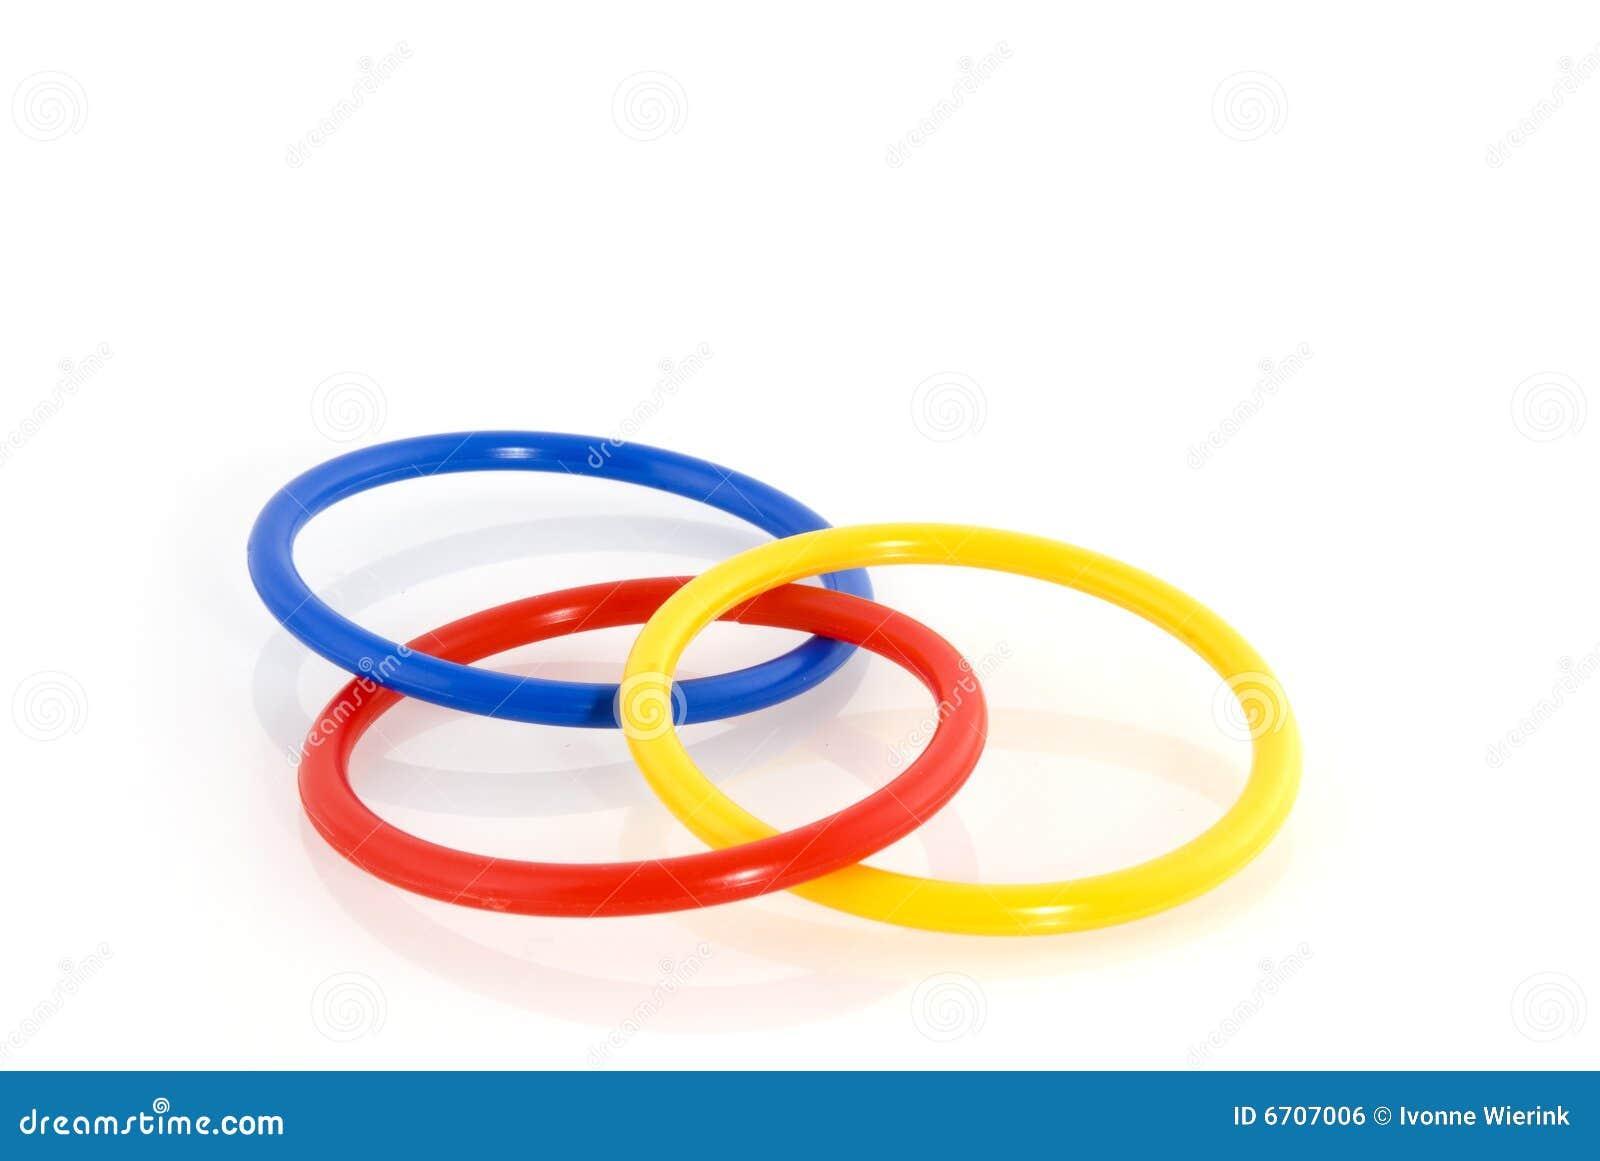 Anéis mágicos